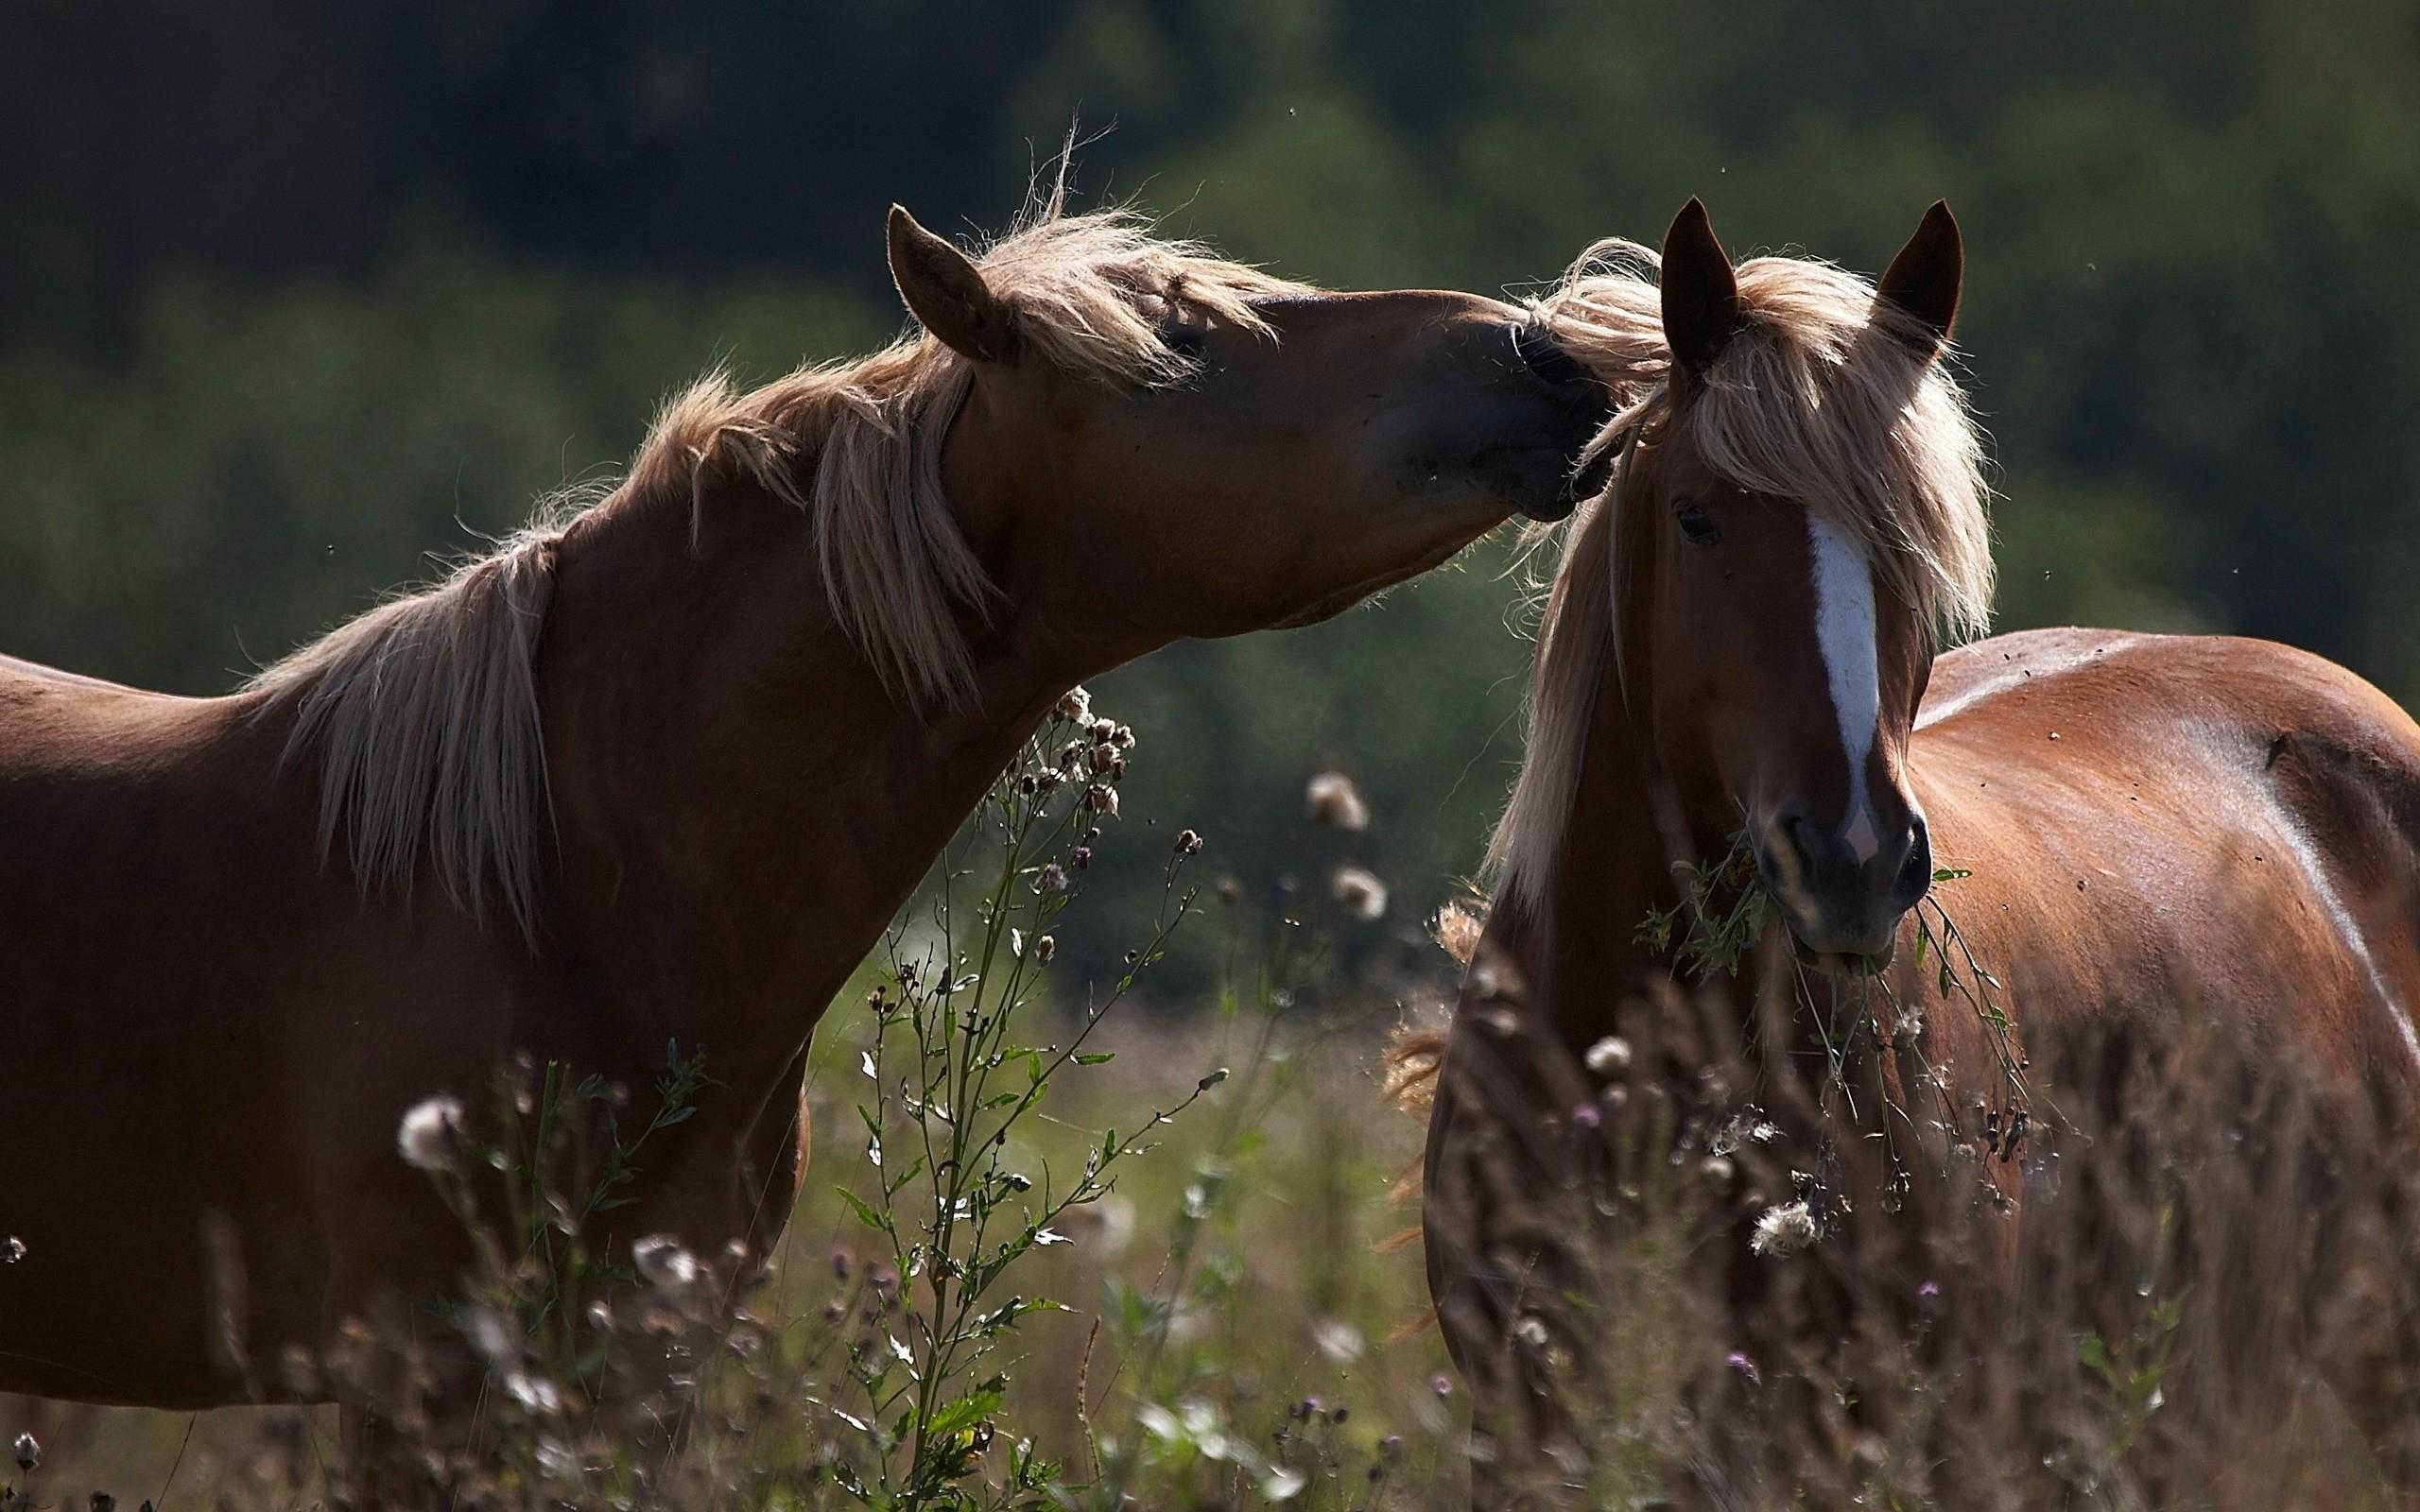 фото лошадьми большом с формате в